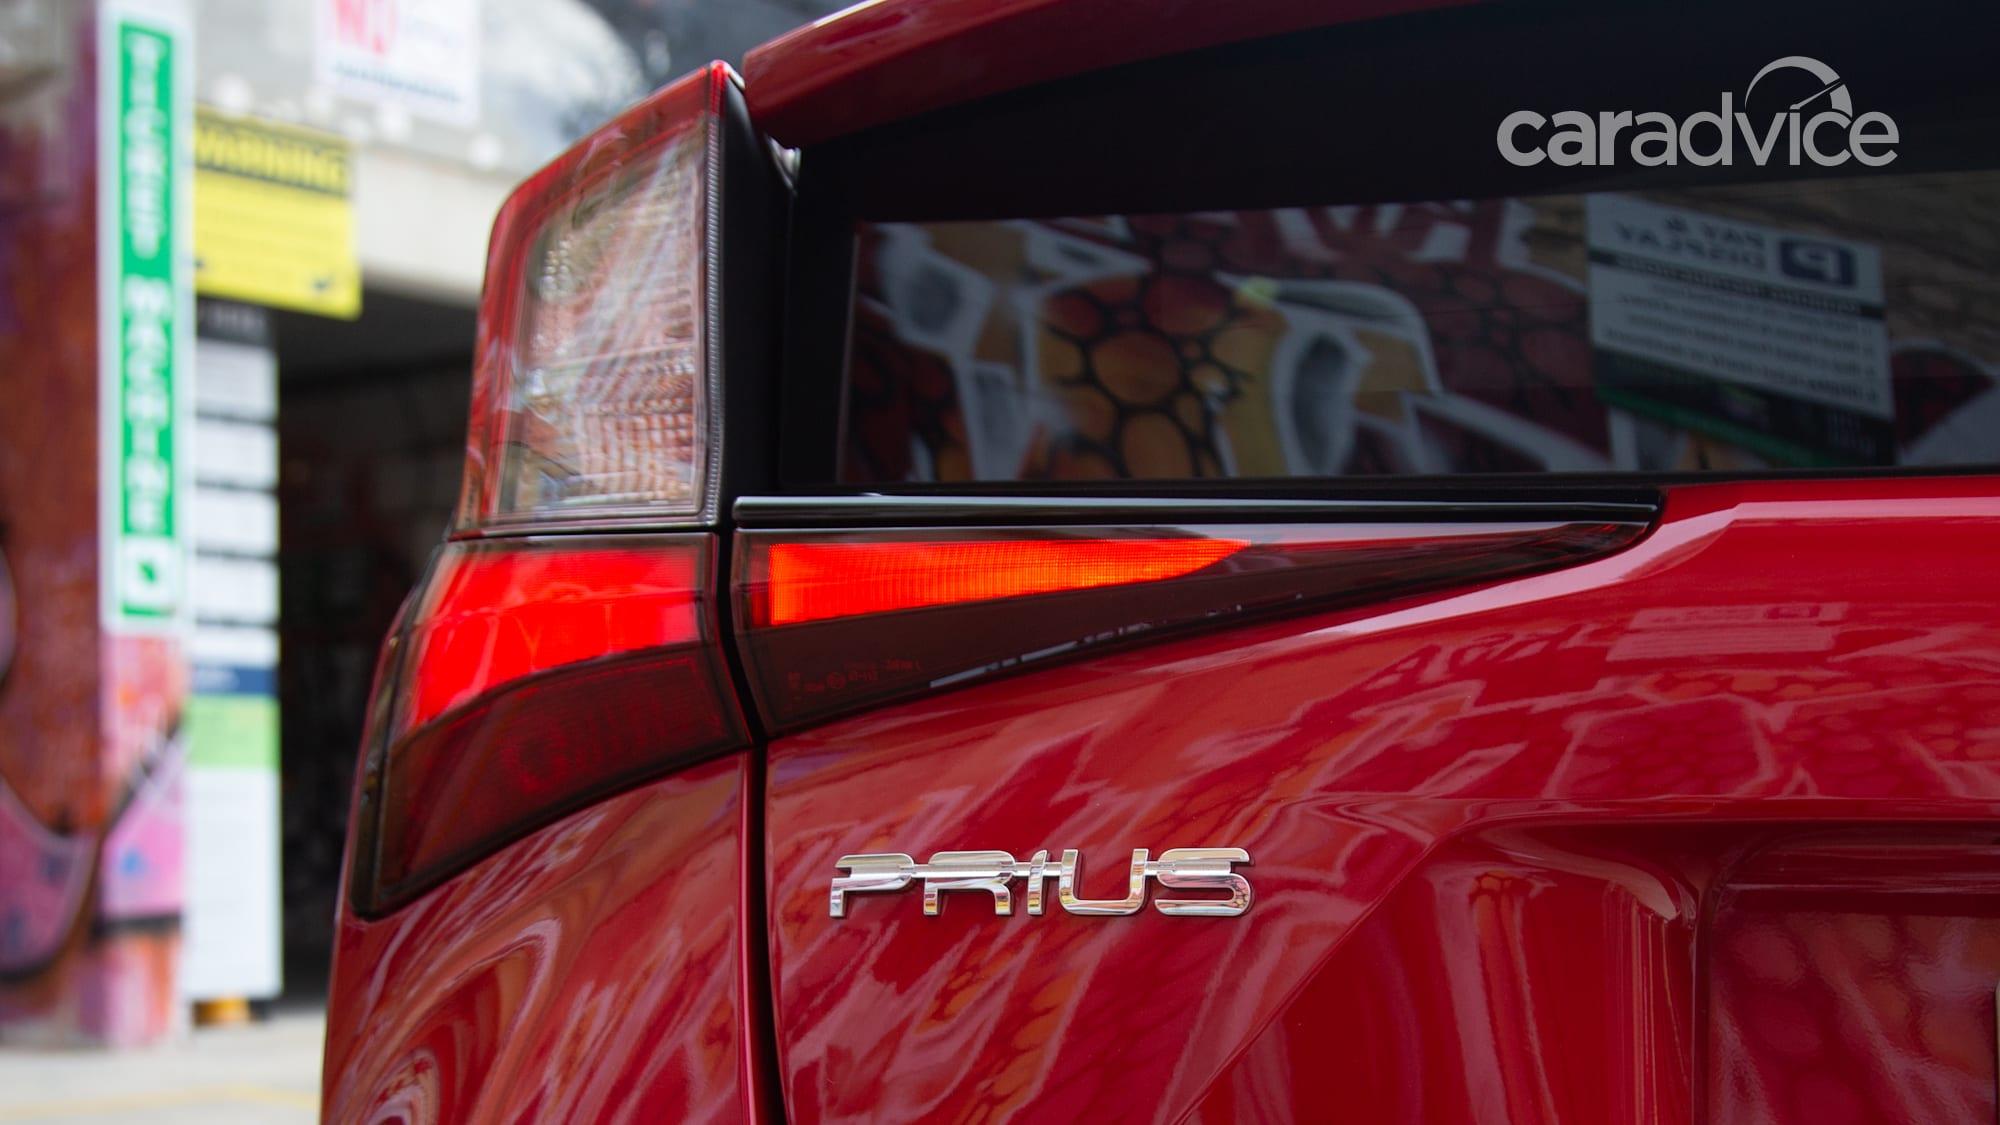 Медленное и неуклонное падение Toyota Prius в Австралии - 2 из 2